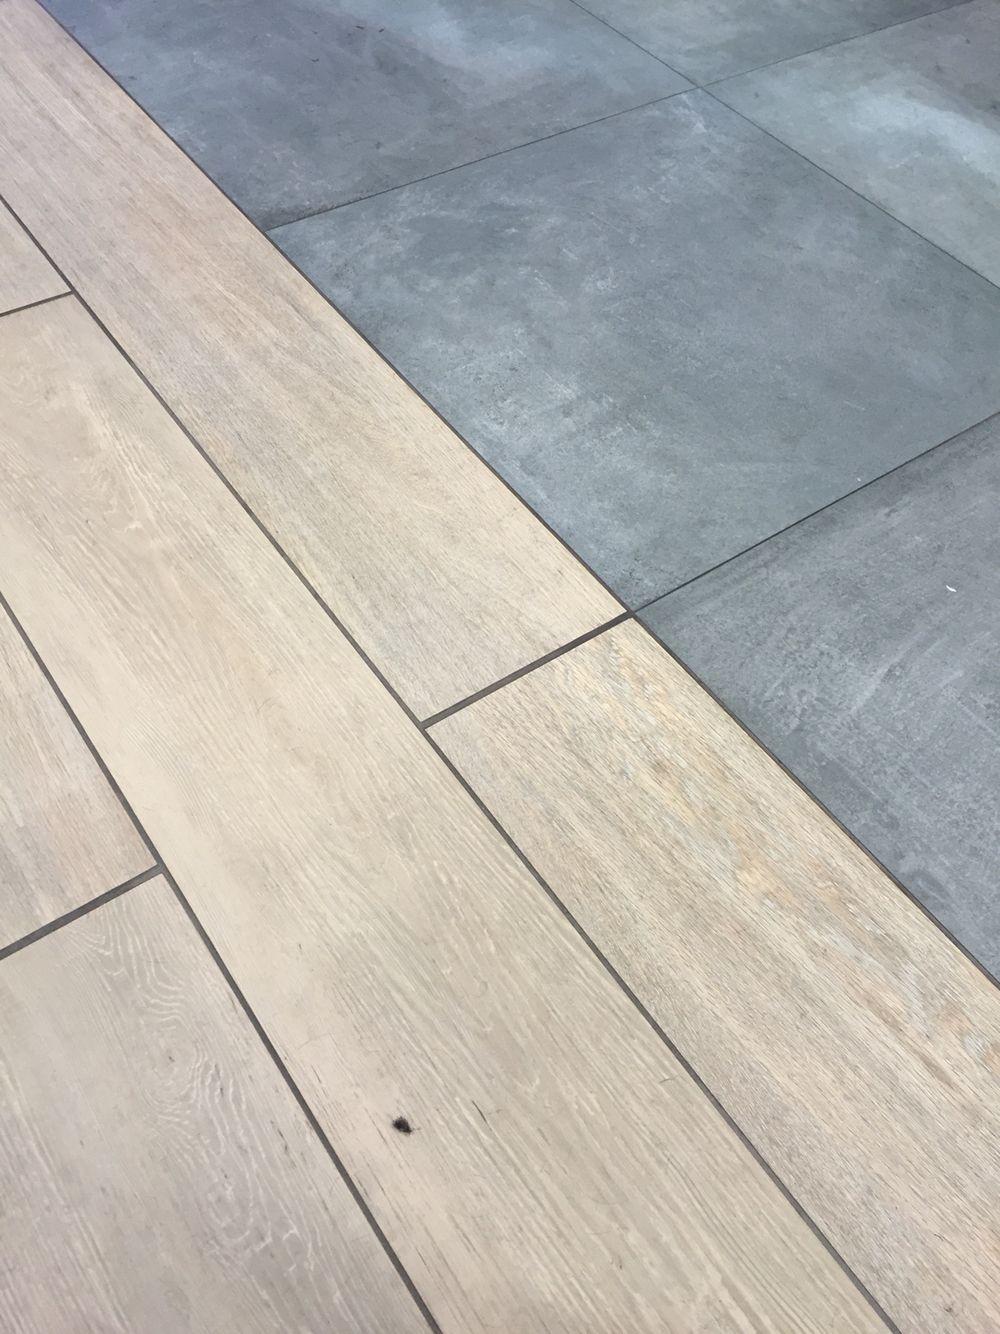 hardwood flooring companies charlotte nc of betonlook tegels antraciet gecombineerd met houtlook tegels throughout betonlook tegels antraciet gecombineerd met houtlook tegels